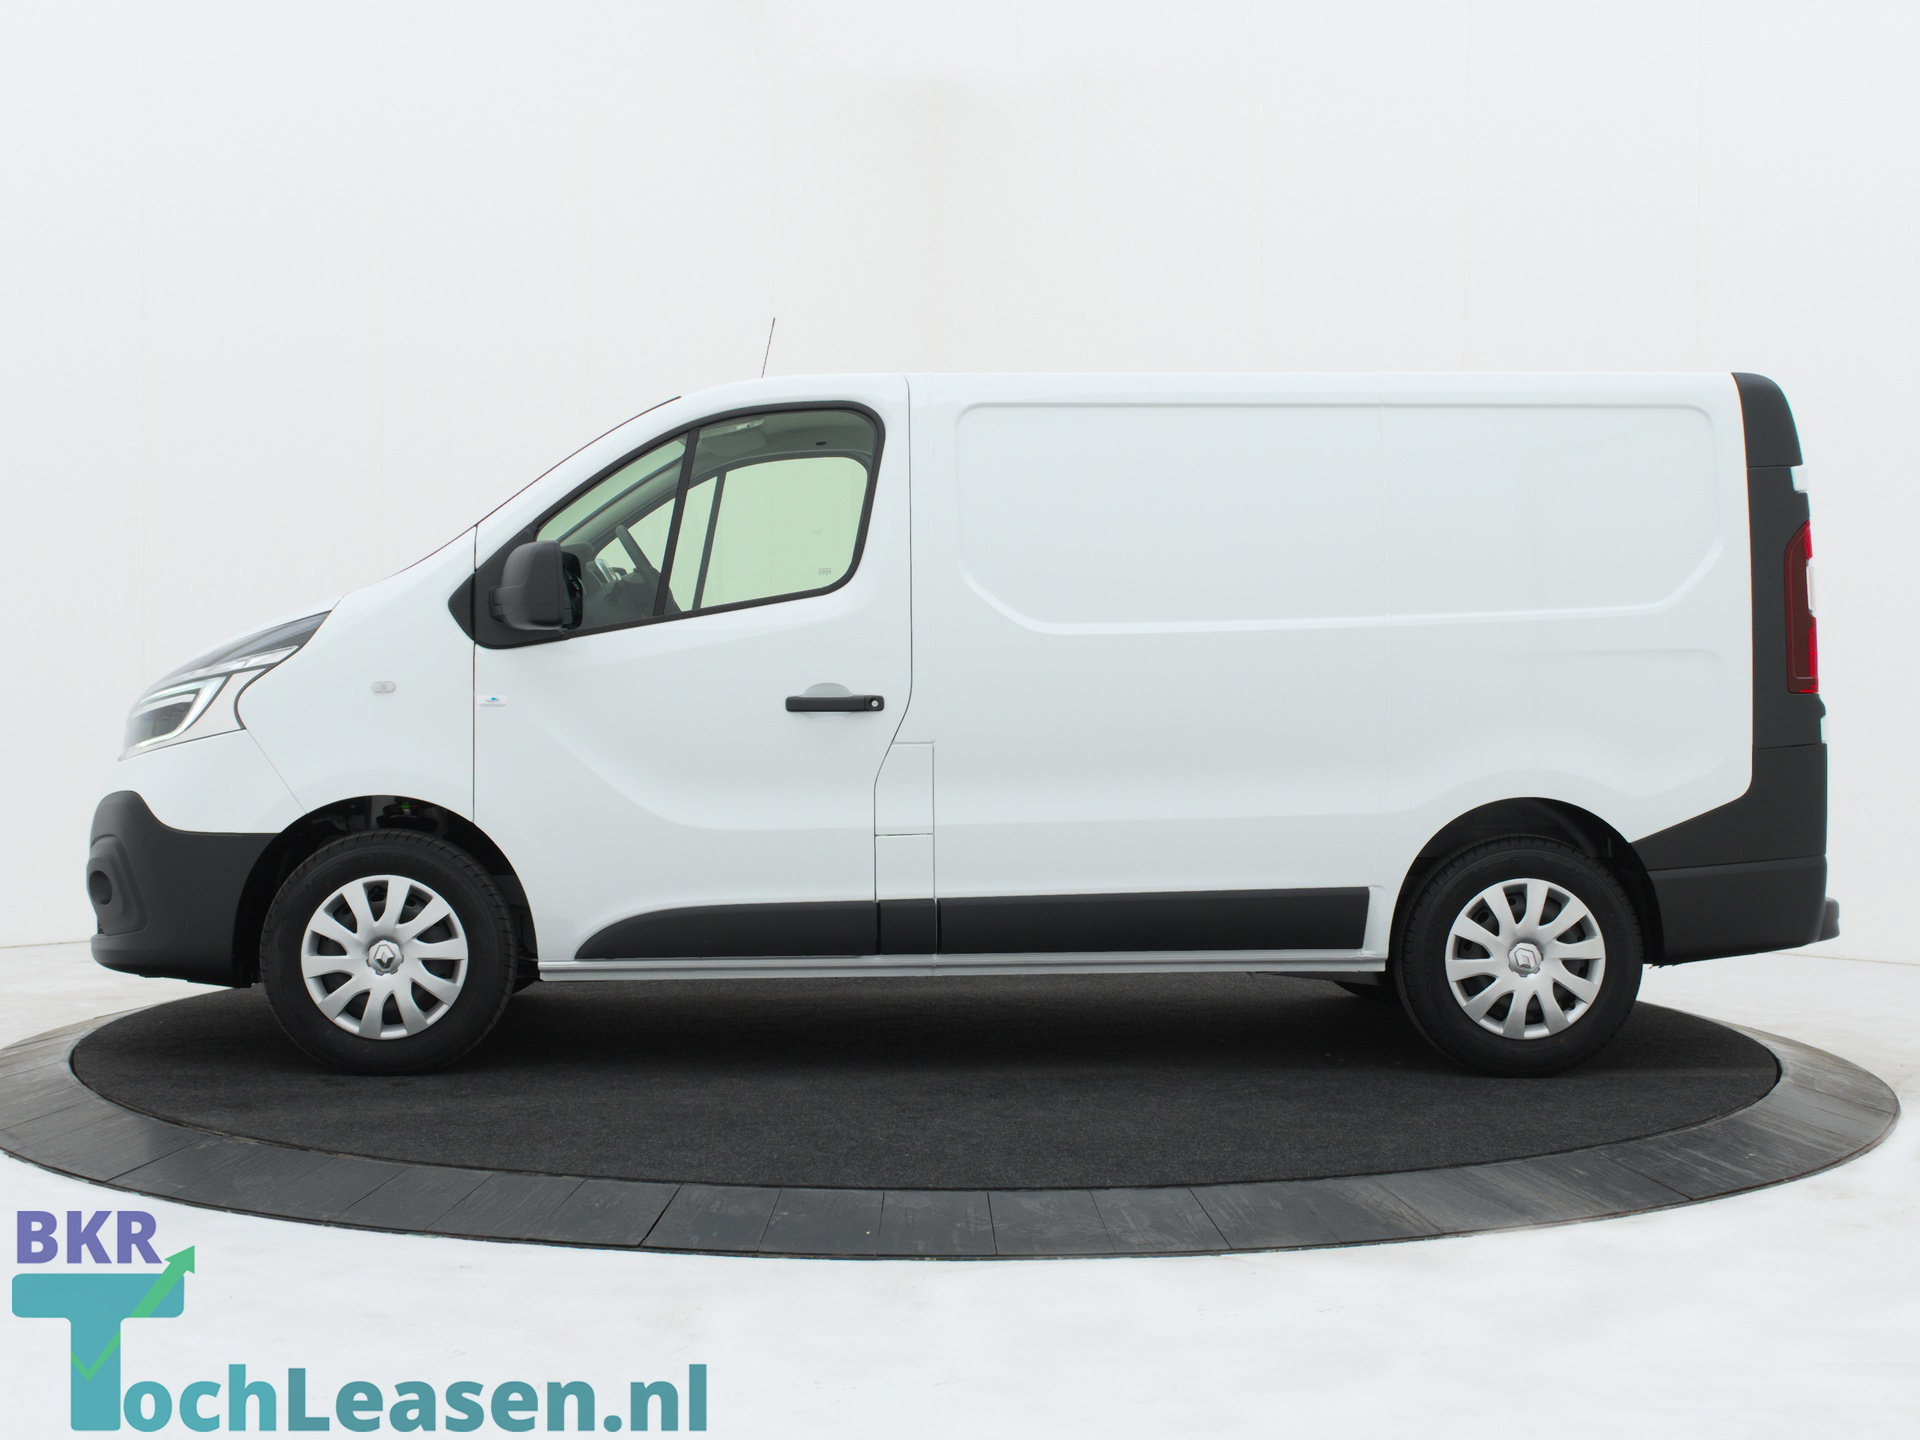 BkrTochLeasen.nl 12